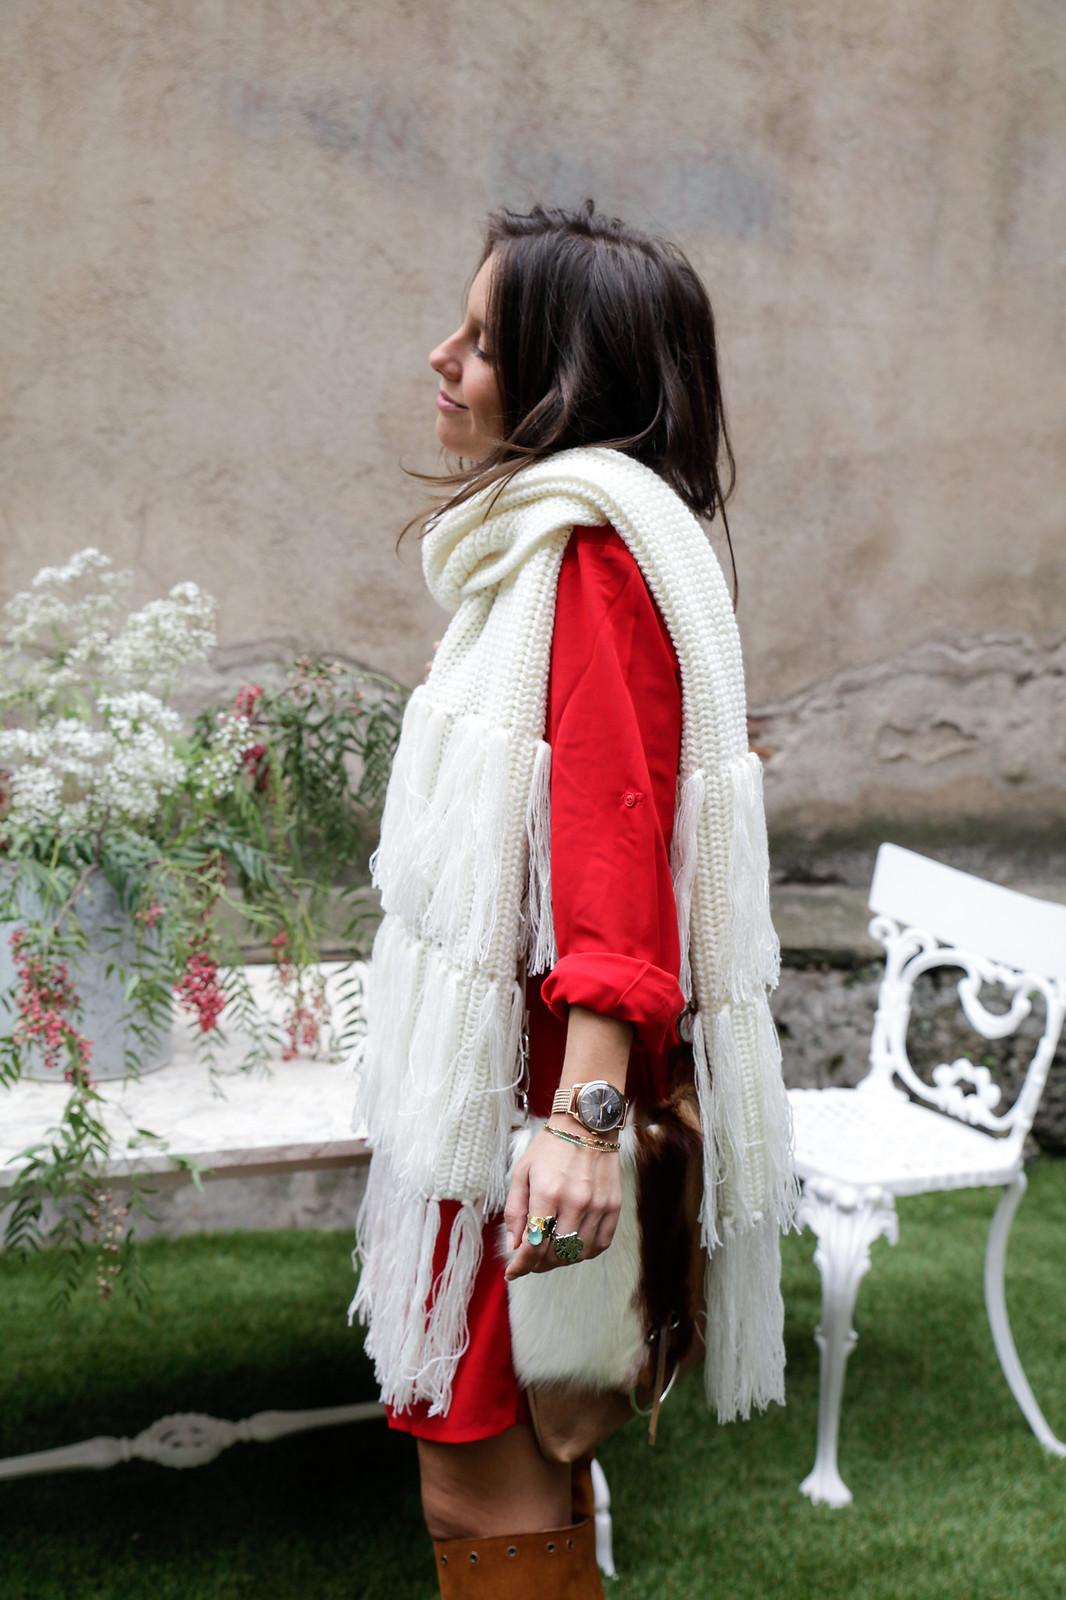 theguestgirl laura santolaria maxi bufanda vestido rojo